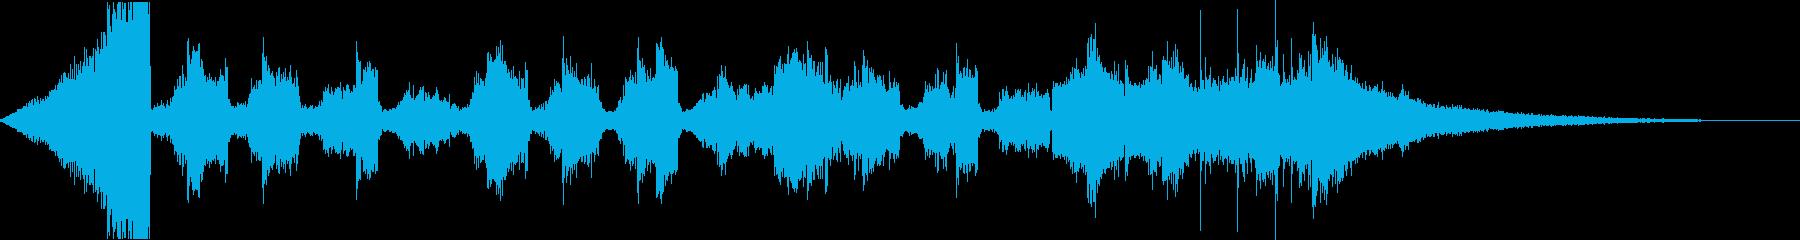 チルアウトおしゃれなトロピカルハウスeの再生済みの波形